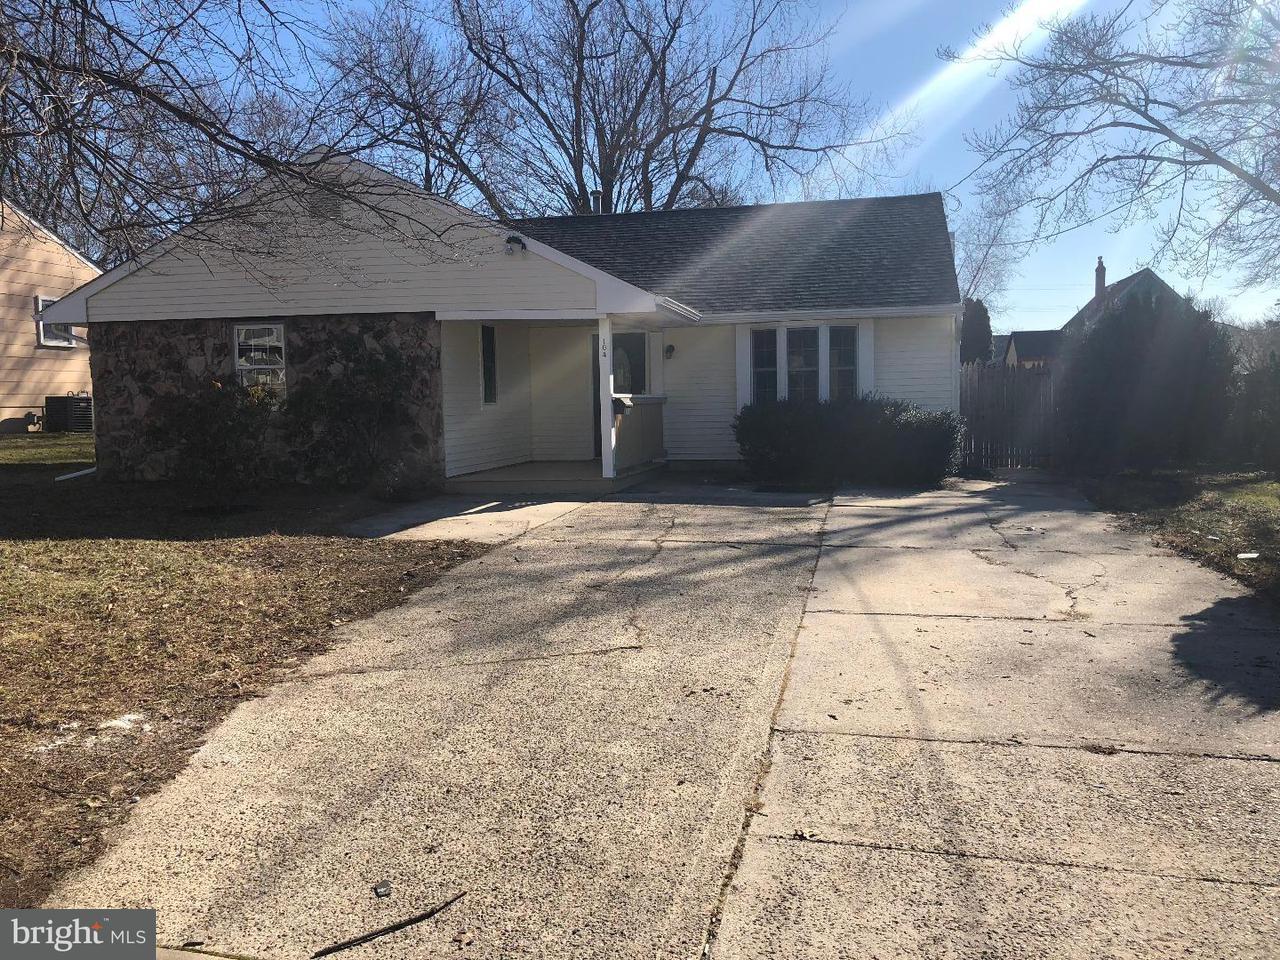 Частный односемейный дом для того Продажа на 104 COOPER Avenue Stratford, Нью-Джерси 08084 Соединенные Штаты